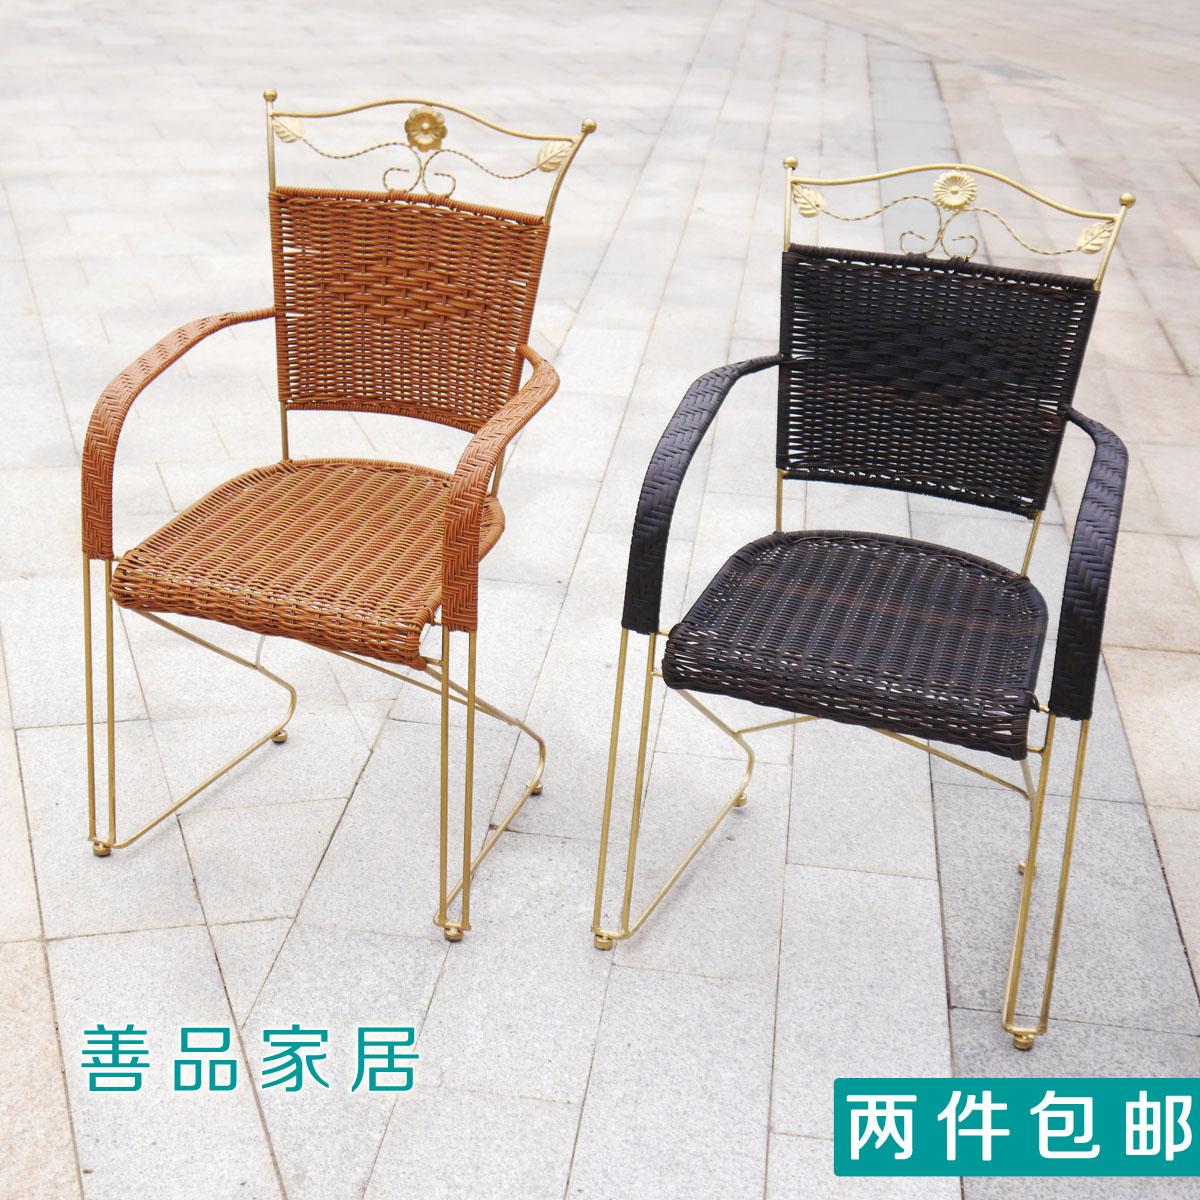 铁艺椅子囹�a_铁艺藤椅子